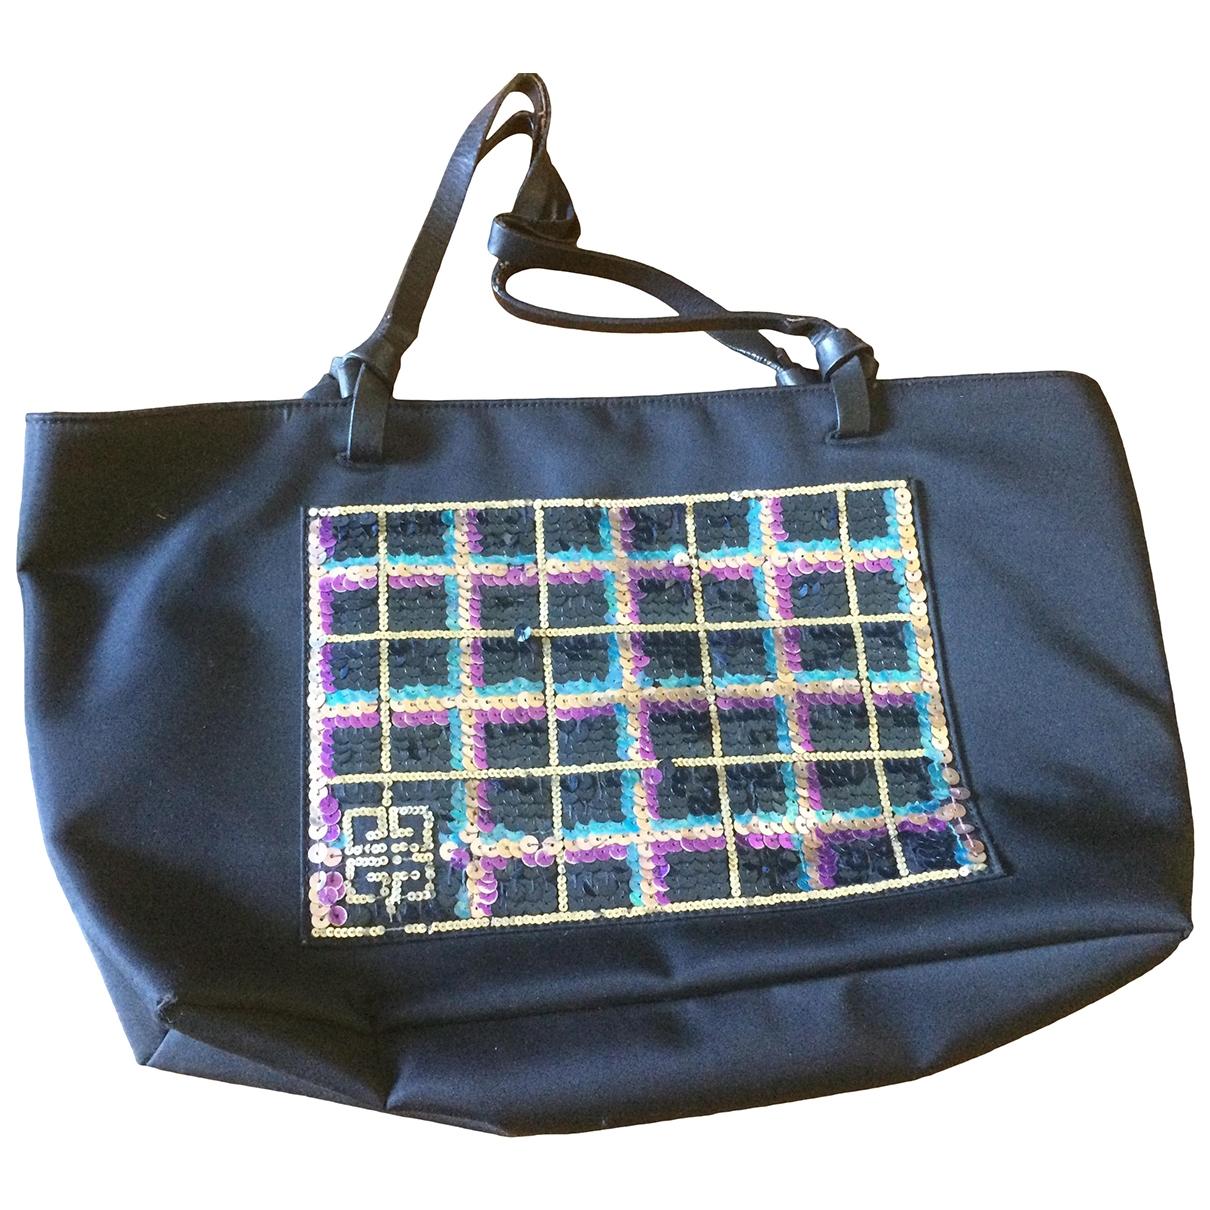 Givenchy \N Handtasche in  Schwarz Mit Pailletten